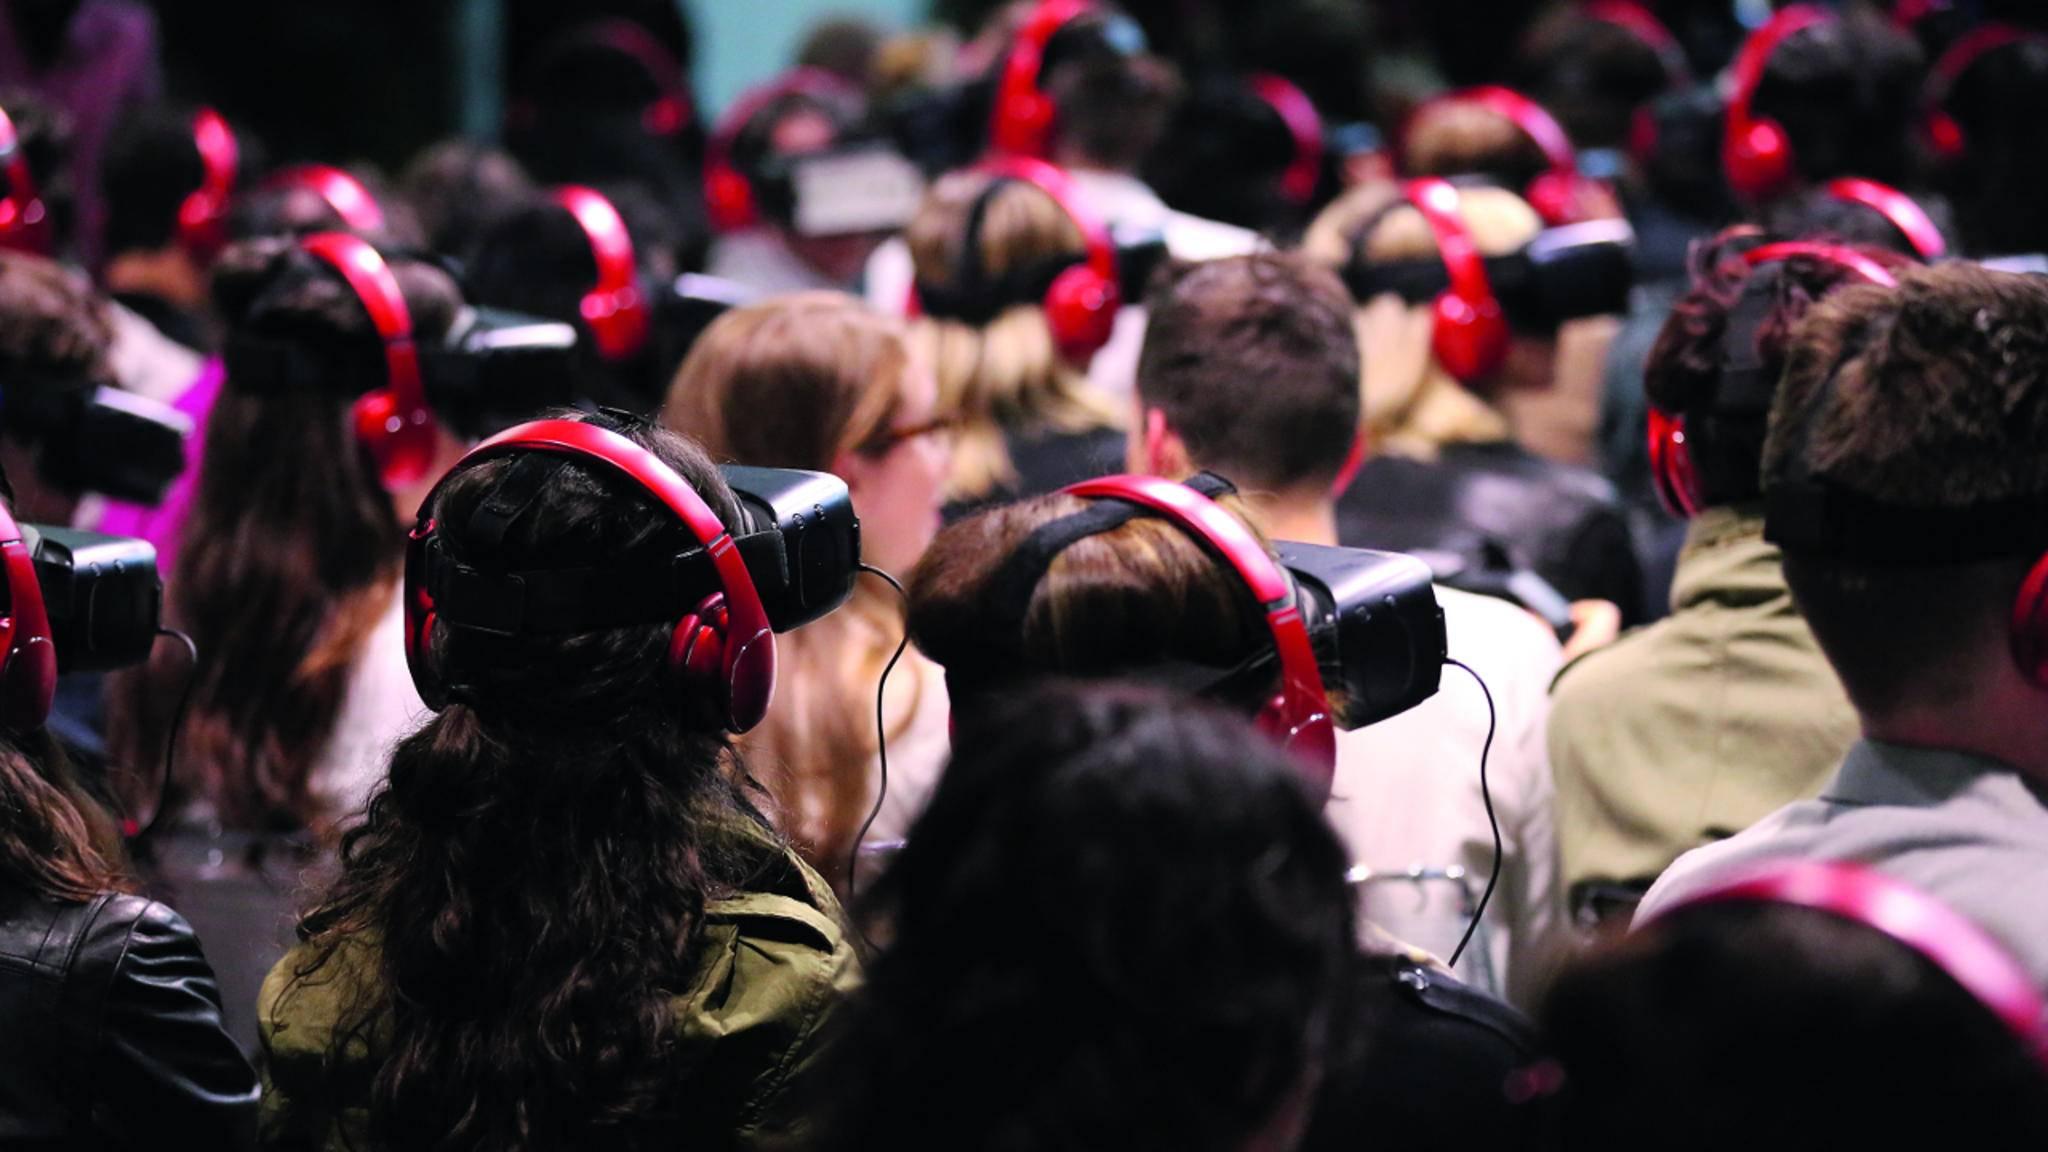 Wird Virtual Reality schon bald zum neuen Massenphänomen?